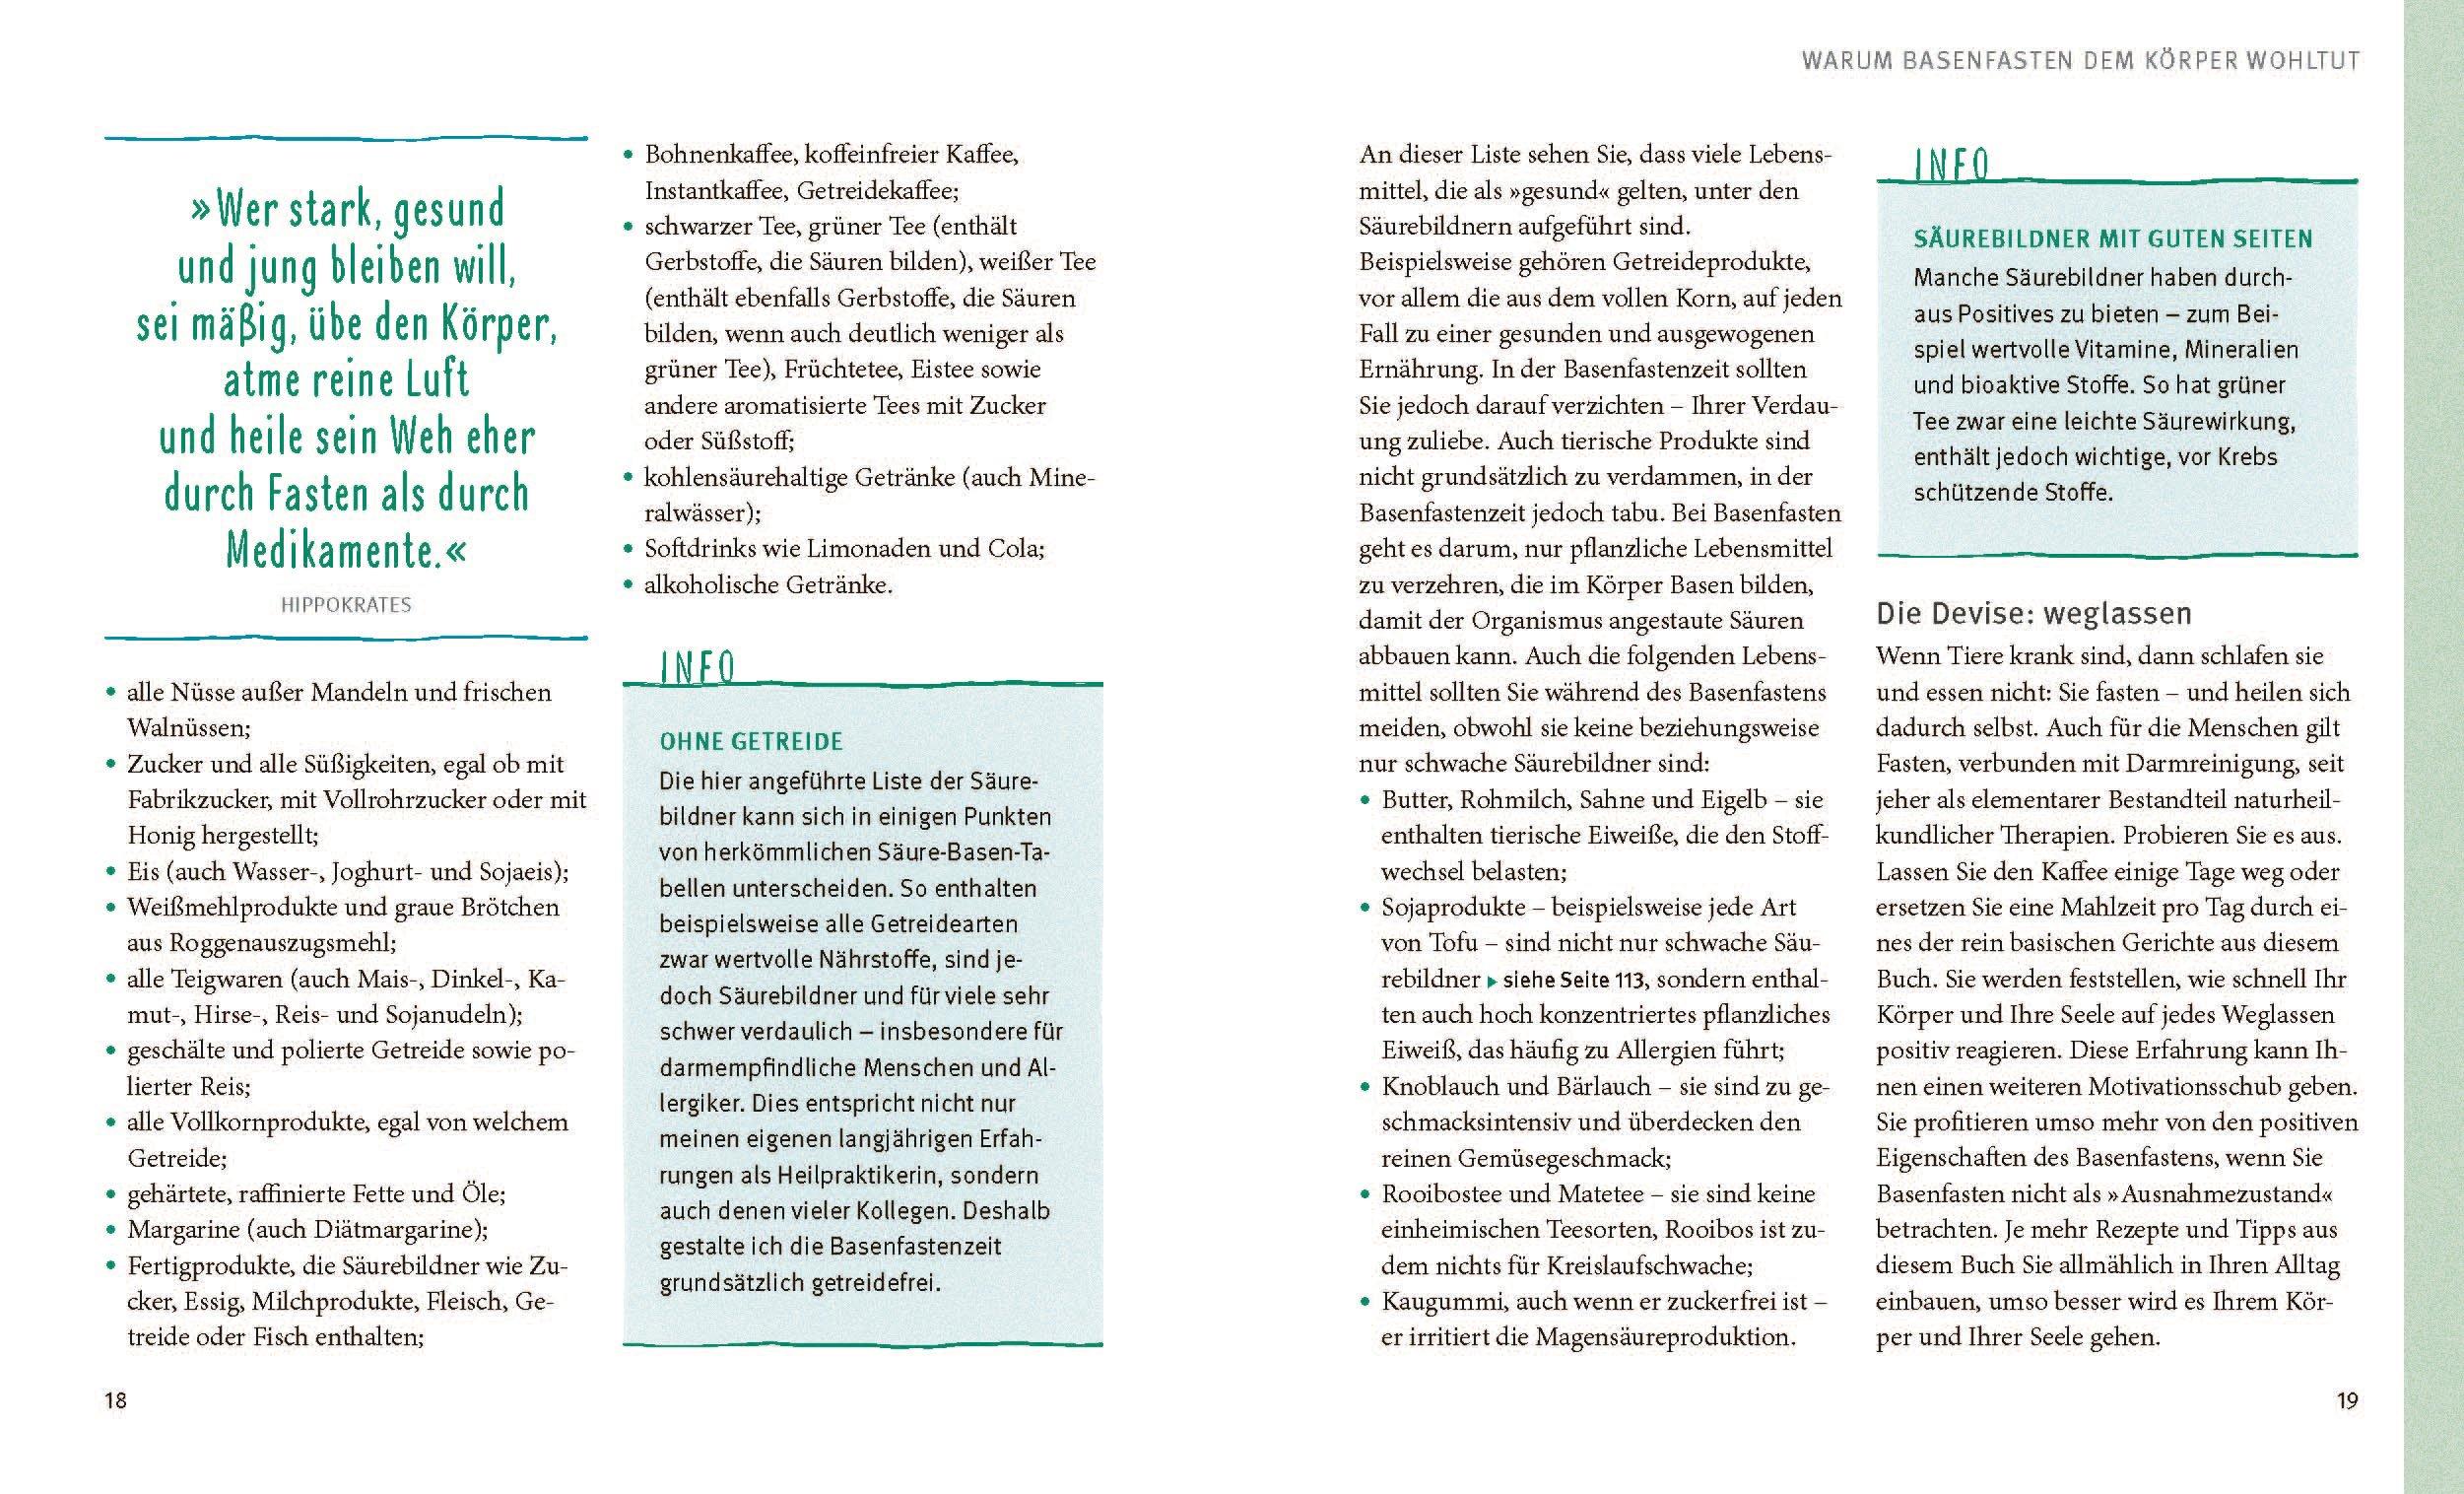 Basenfasten: Essen und trotzdem entlasten: Amazon.de: Sabine Wacker ...